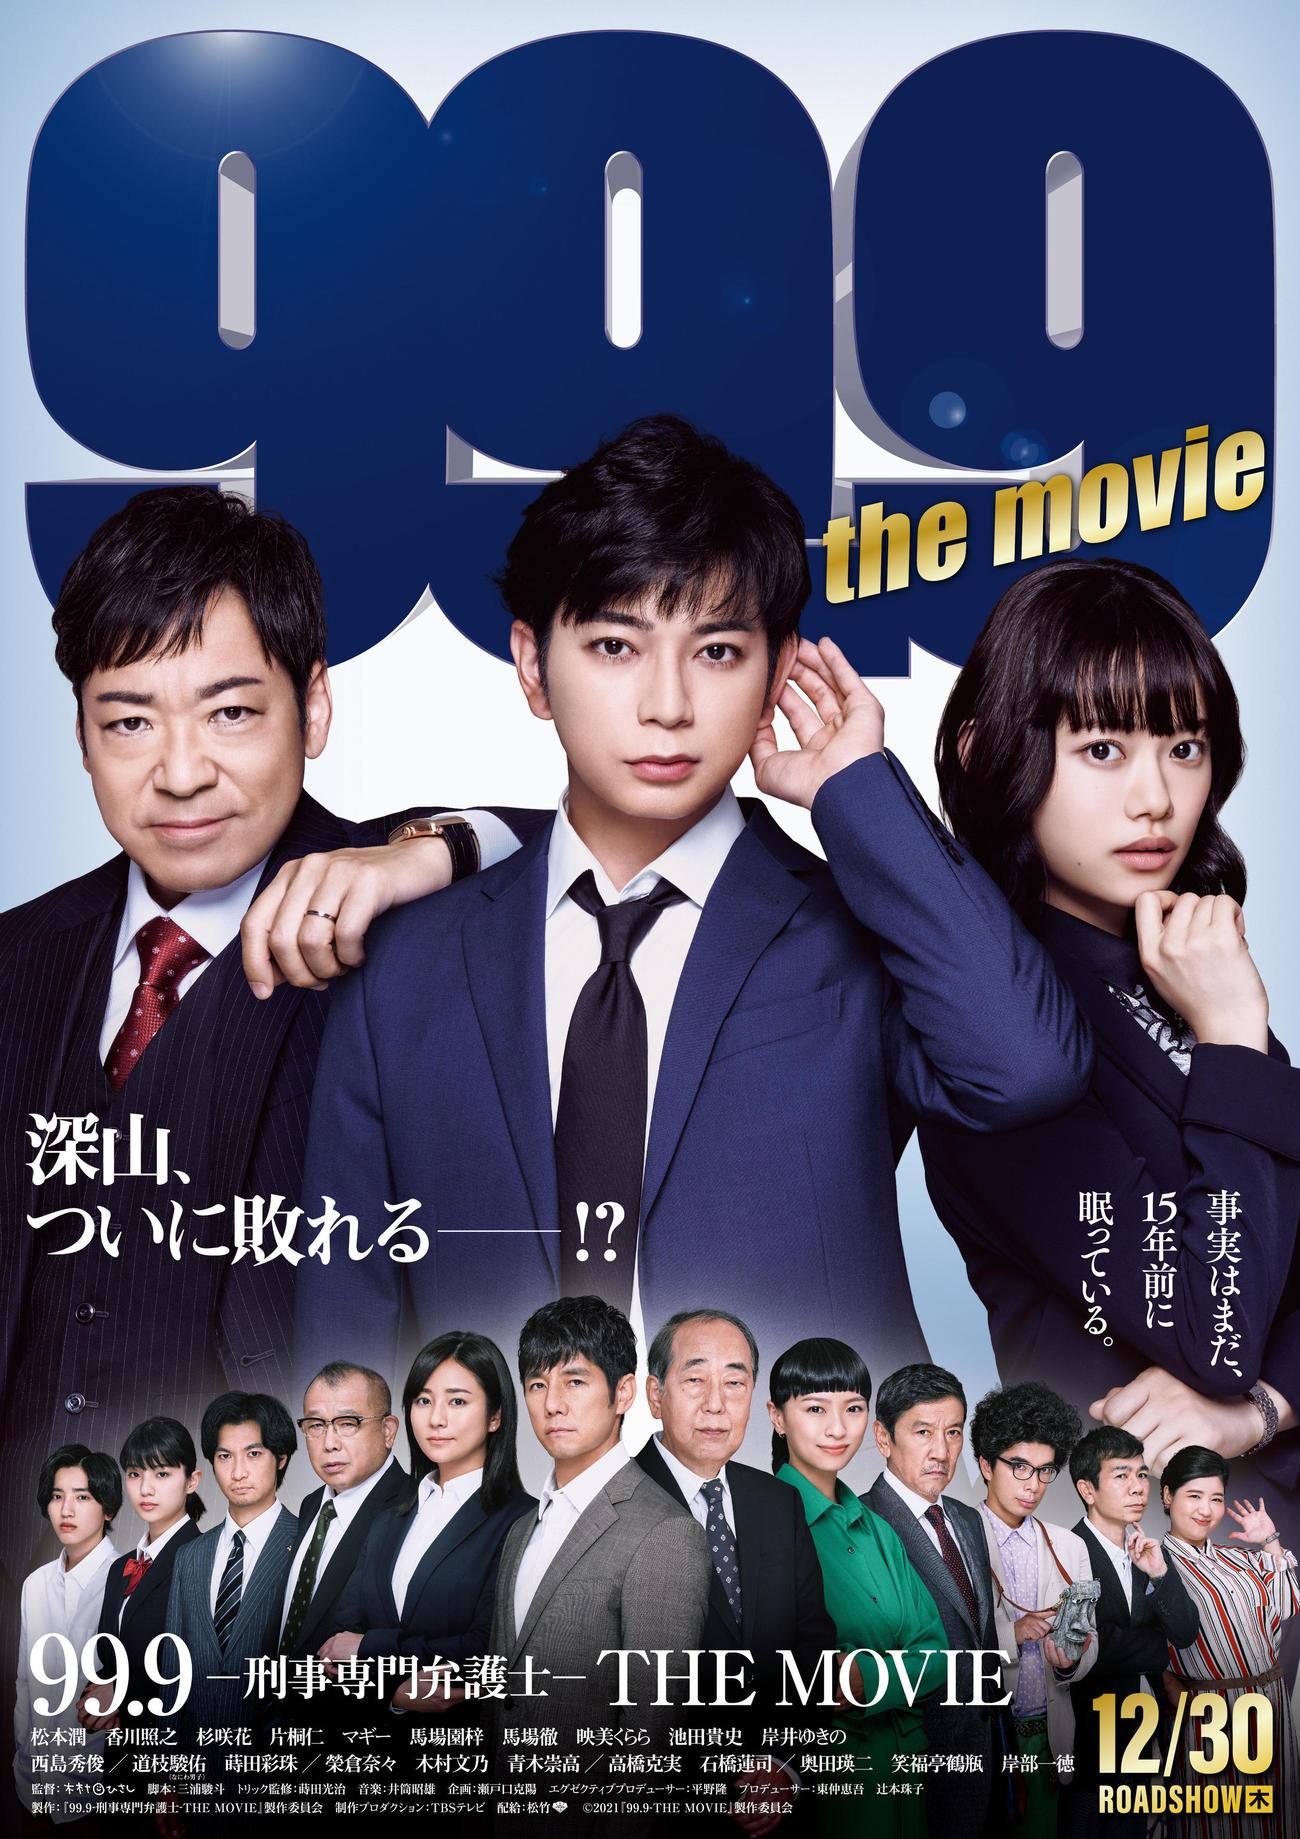 嵐松本潤の主演映画「99・9-刑事専門弁護士- THE MOVIE」のポスター画像